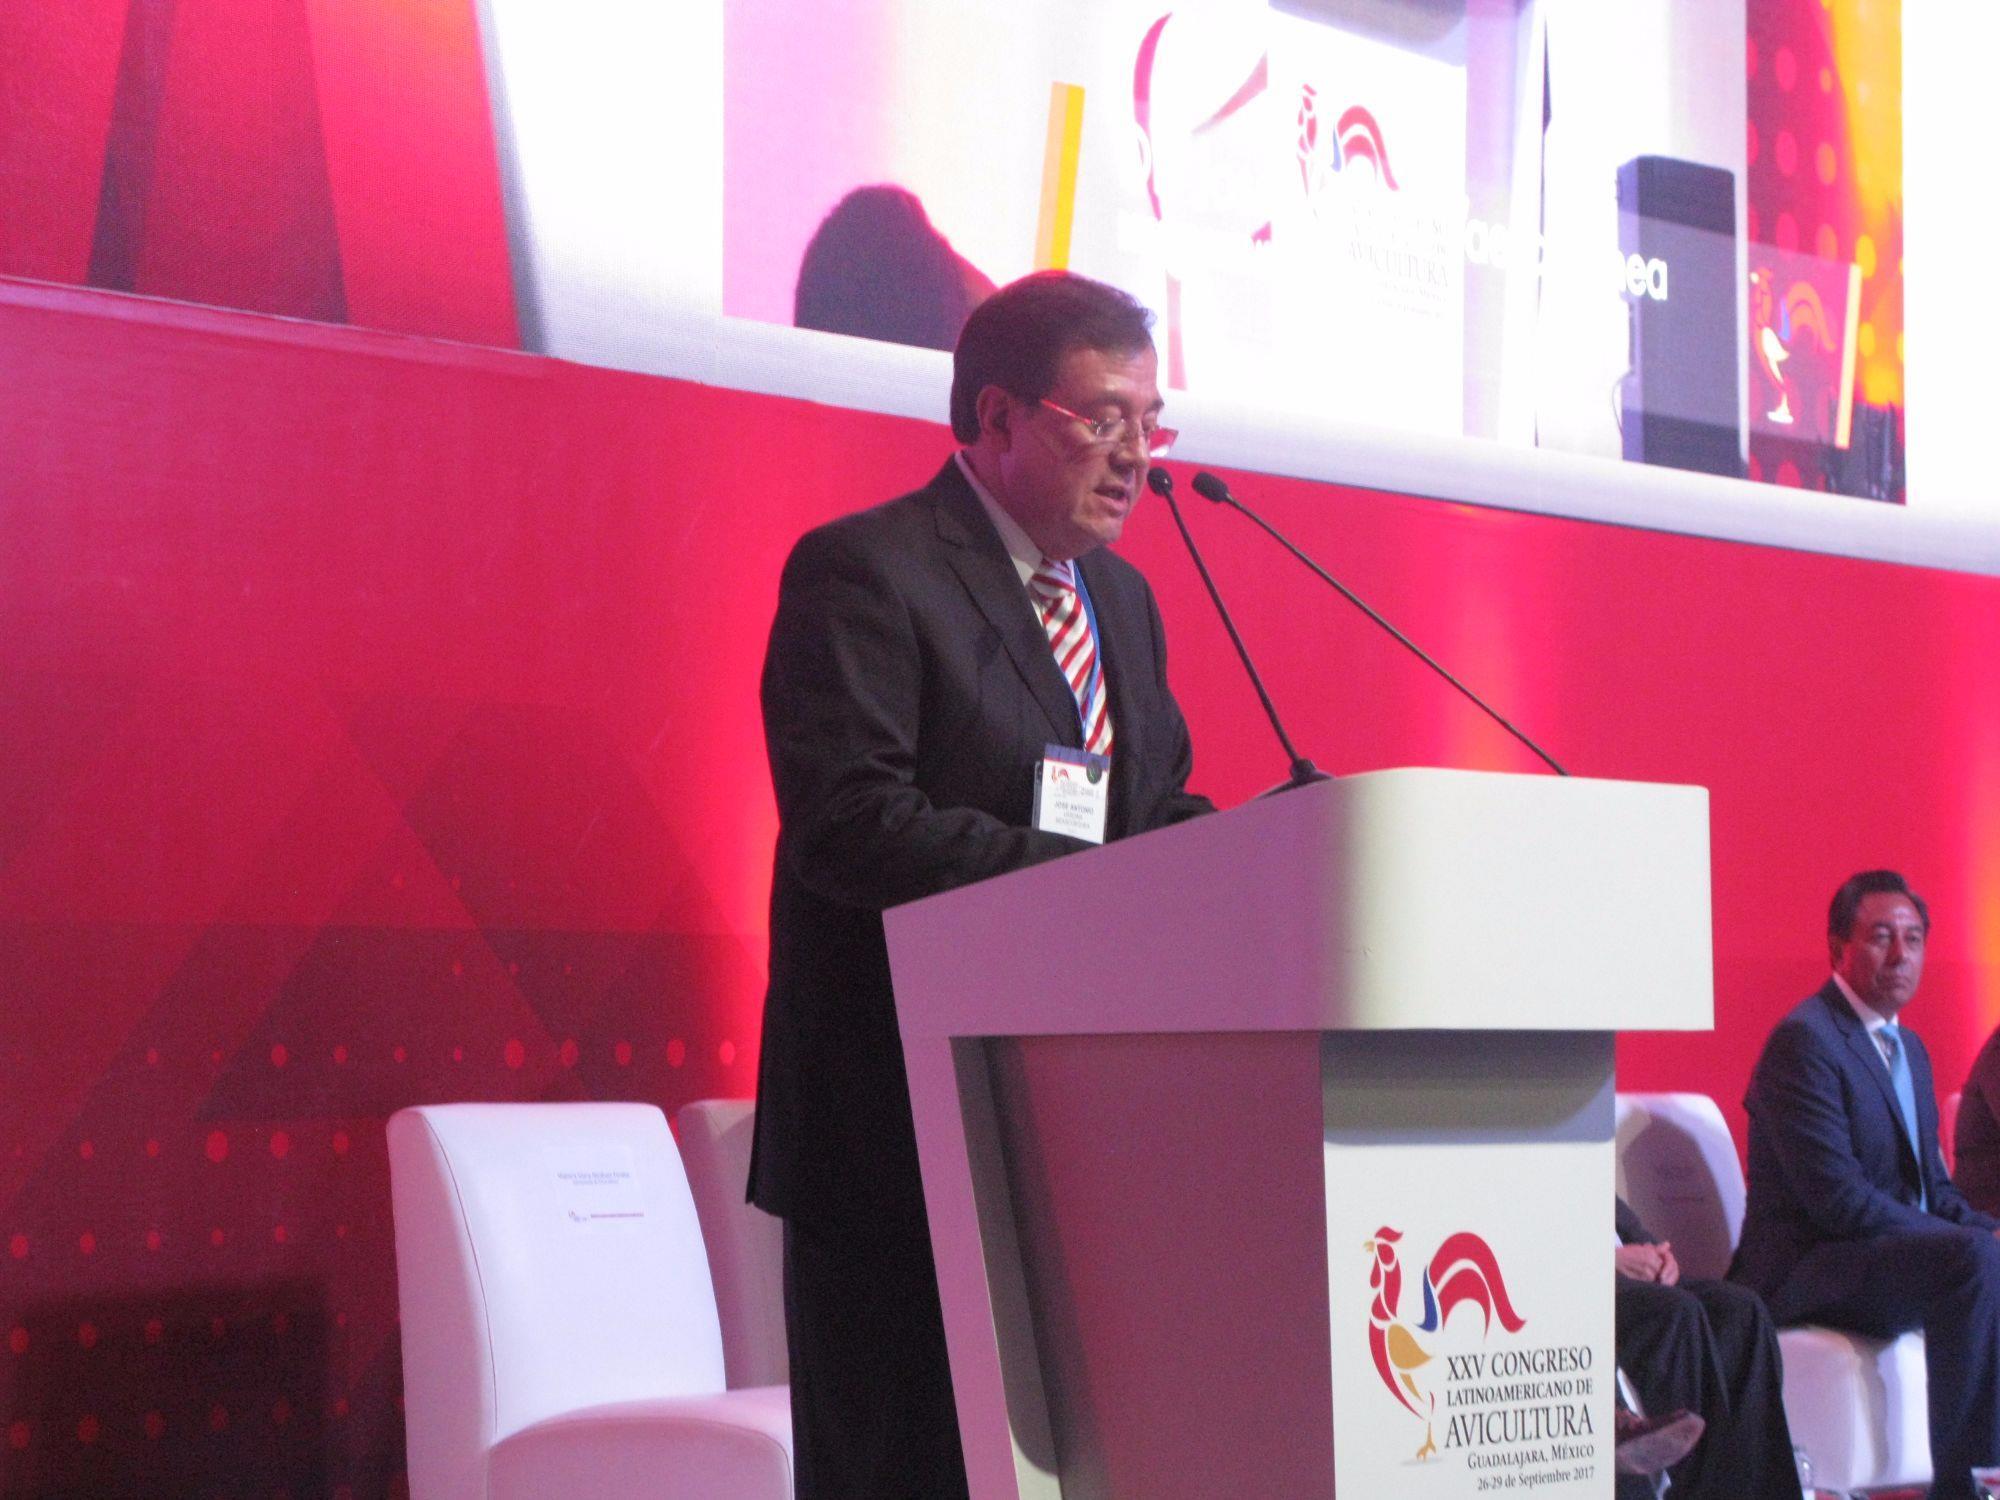 Avicultura latino-americana se encontra no México para abertura de congresso , Avicultura latino-americana se encontra no México para abertura de congresso